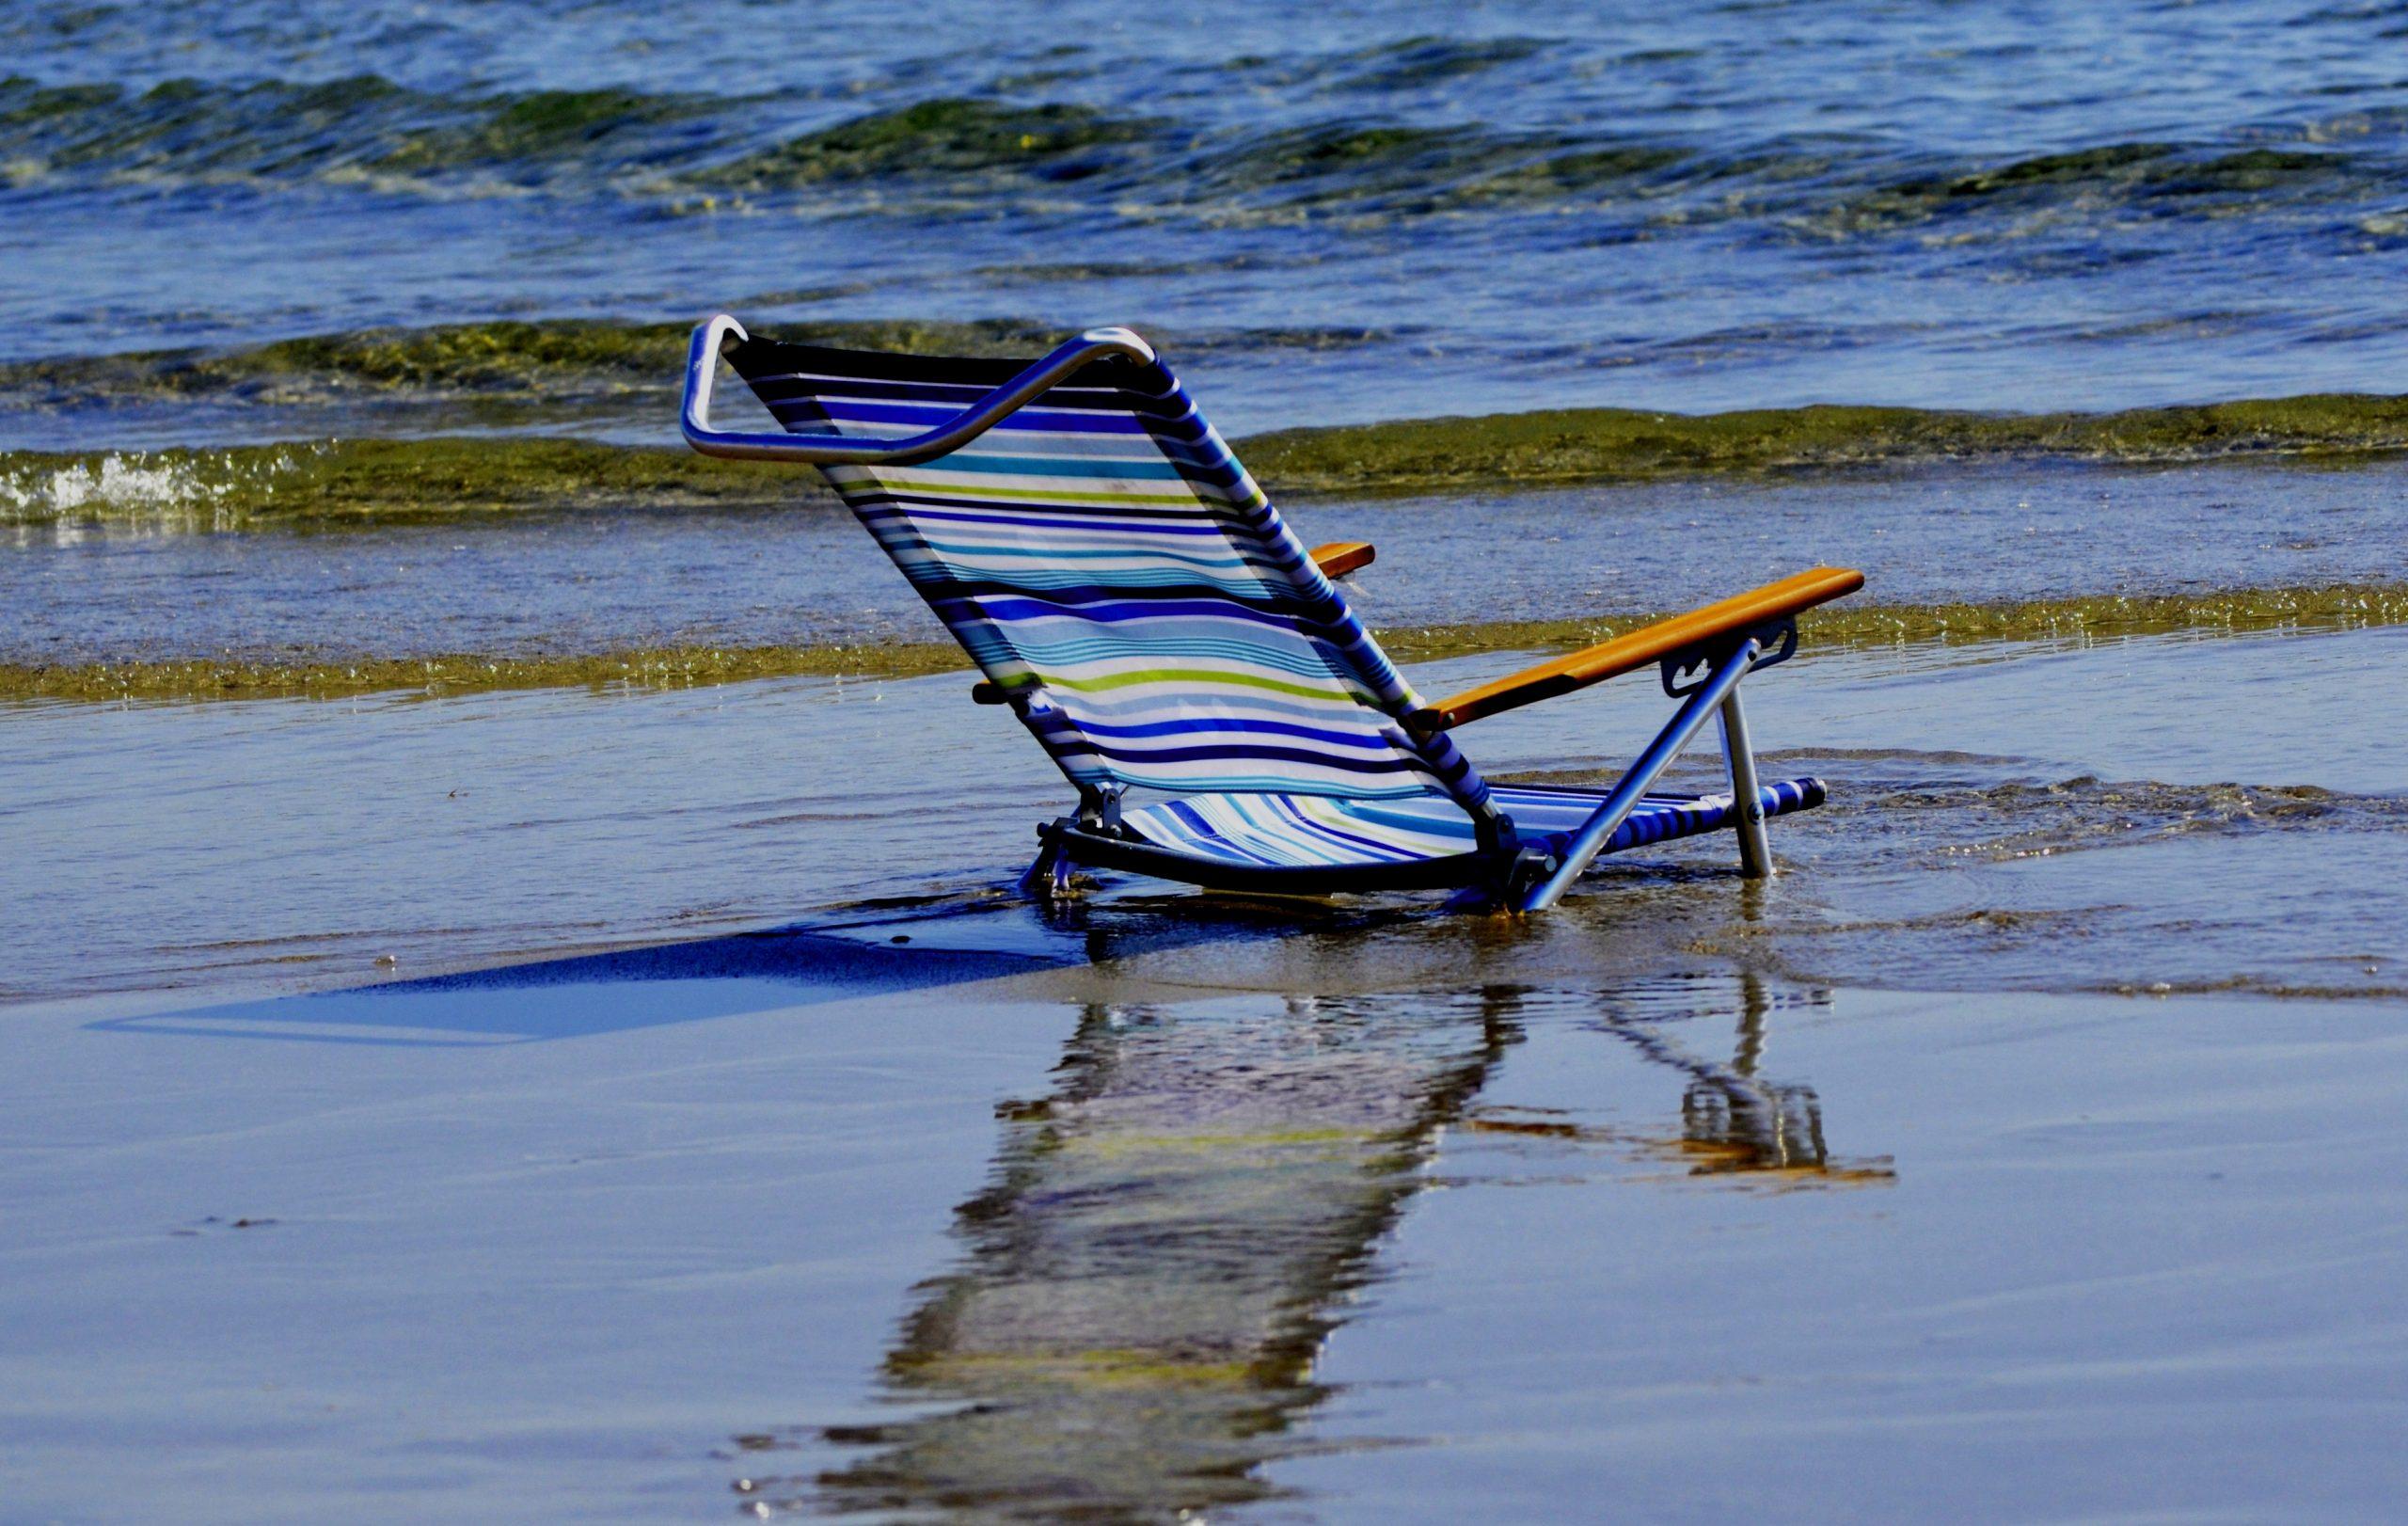 Der bequeme Stuhl versinkt langsam